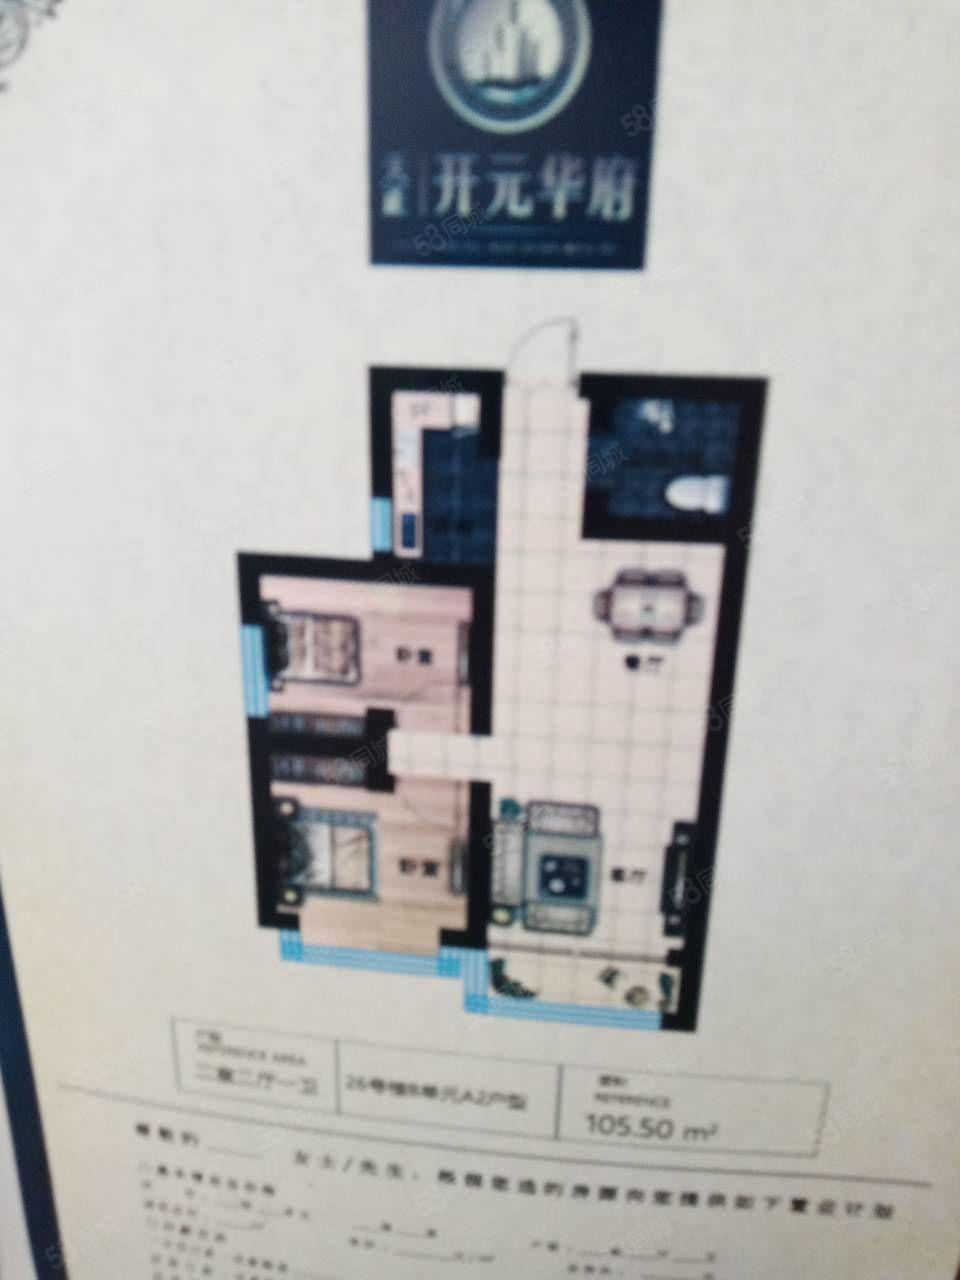 开园华府两居室毛坯房,可按揭贷款,小区环境好,地段繁华,